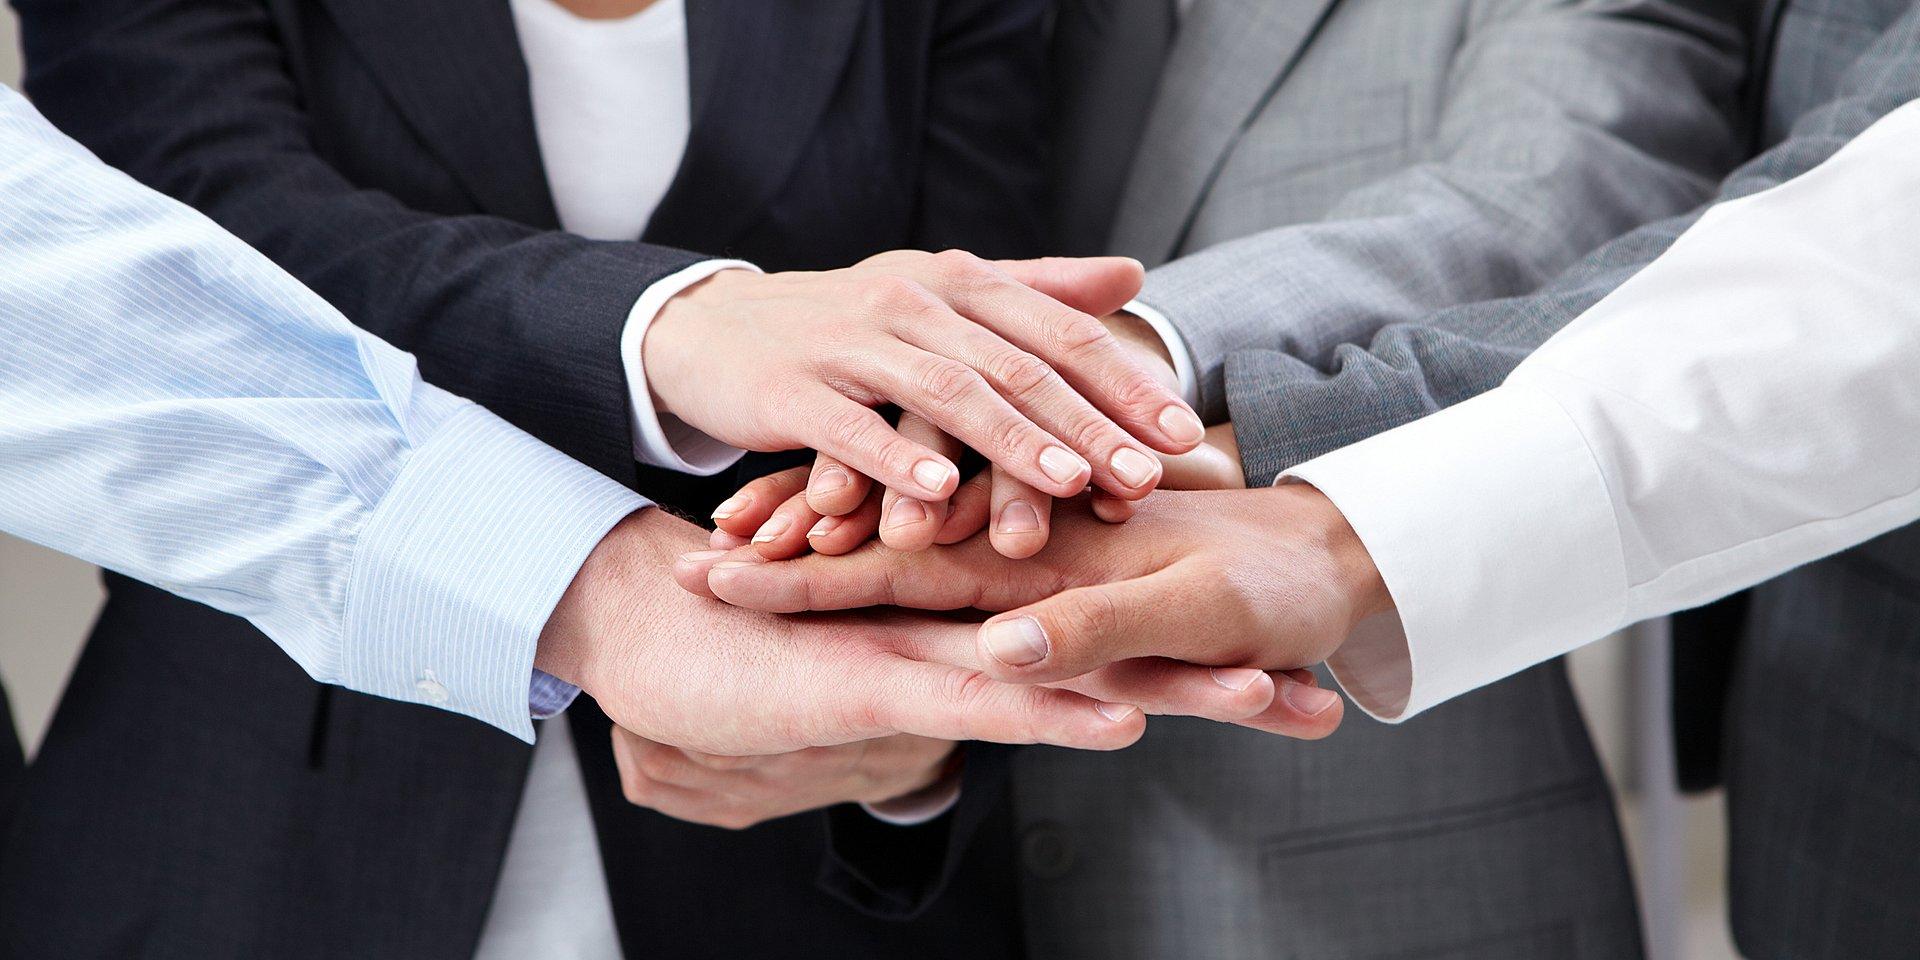 BGK podpisał umowę z Belarusbankiem ułatwiającą finansowanie polskiego eksportu na Białoruś